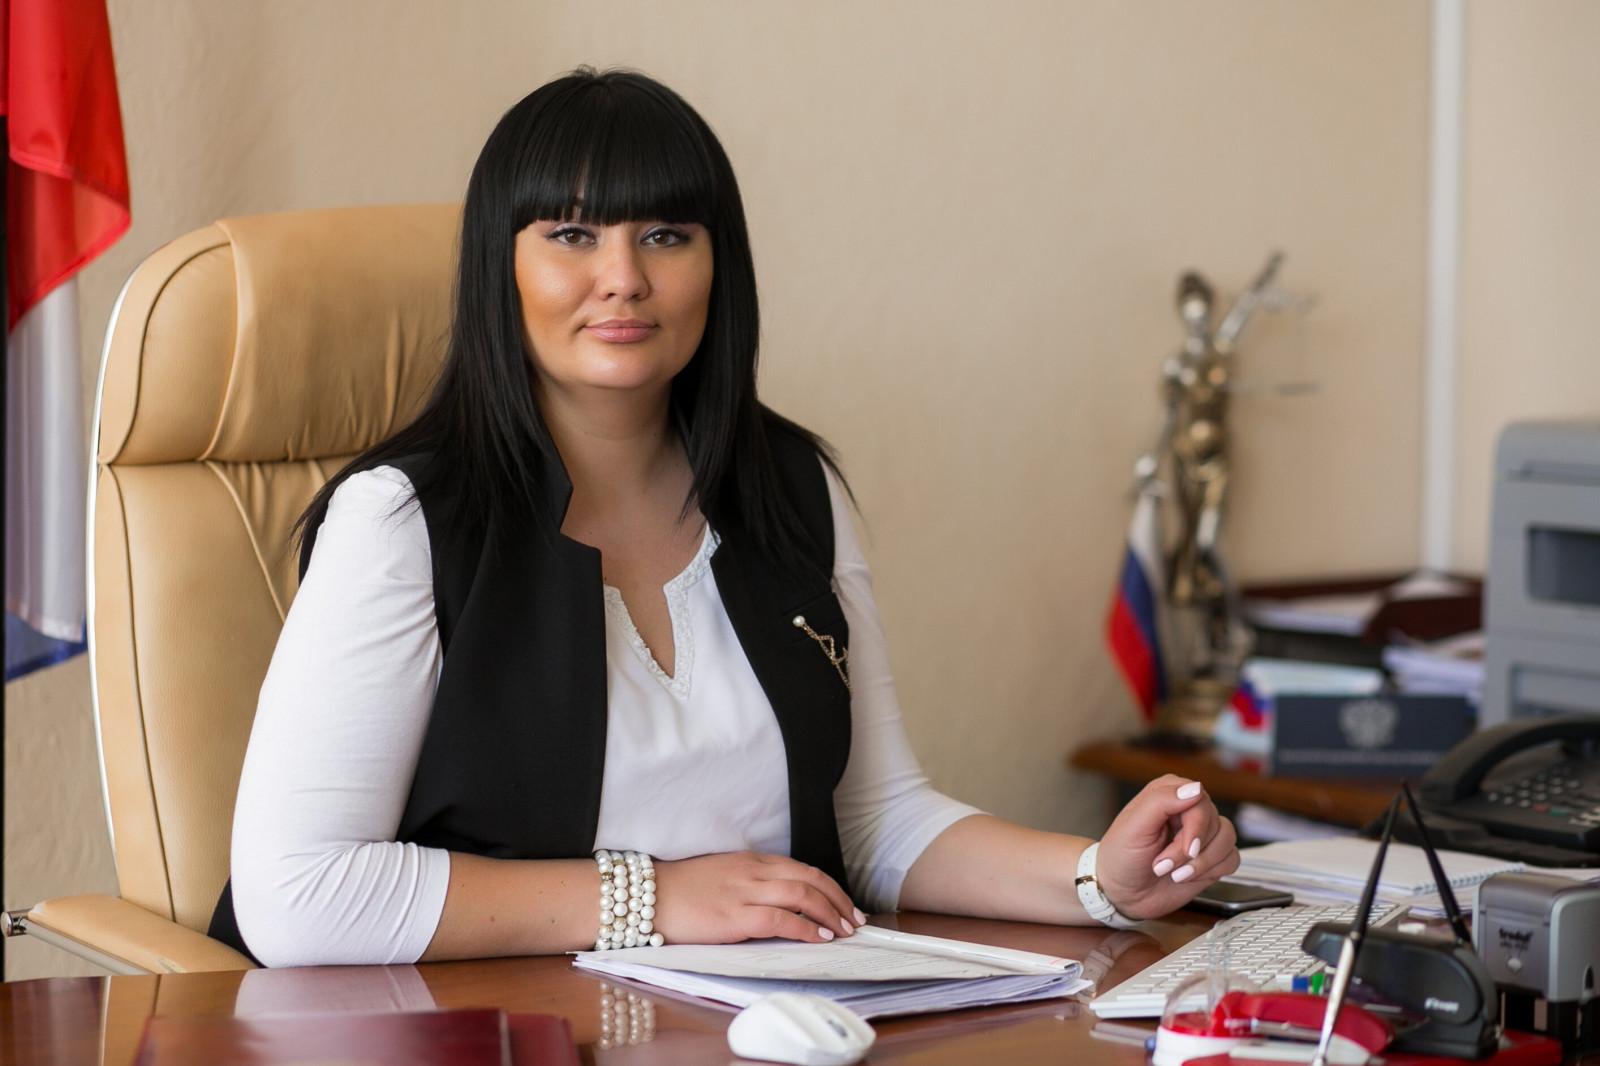 Громкое дело в отношении бывшего председателя суда Дзержинского района Волгограда Юлии Добрыниной подходит к завершению